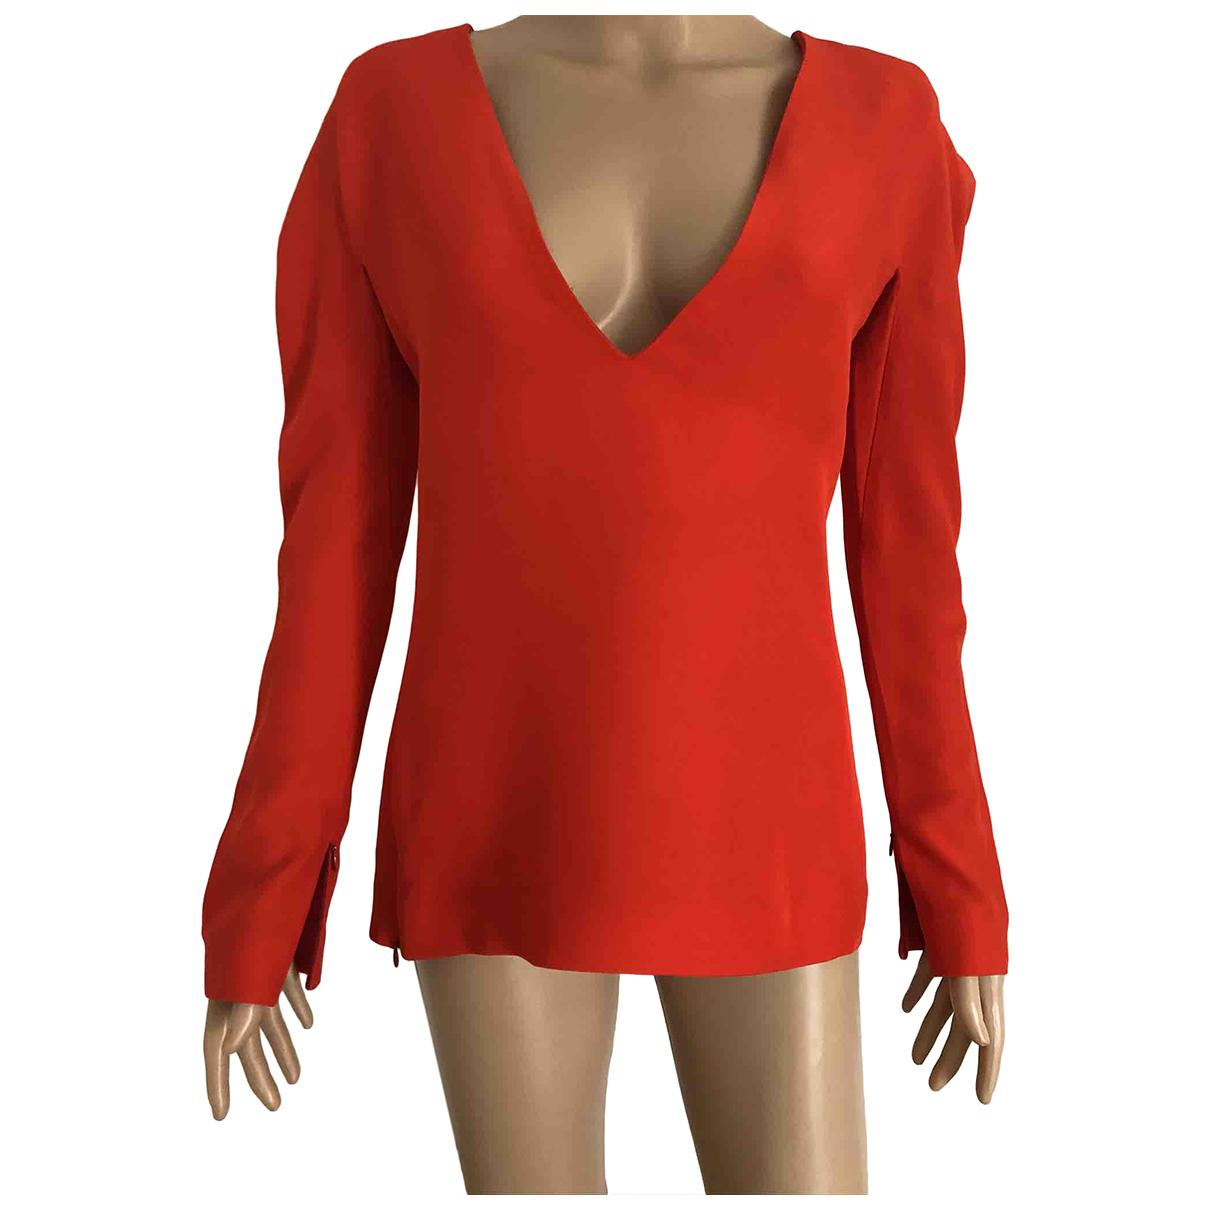 Vionnet \N Orange  top for Women 40 FR